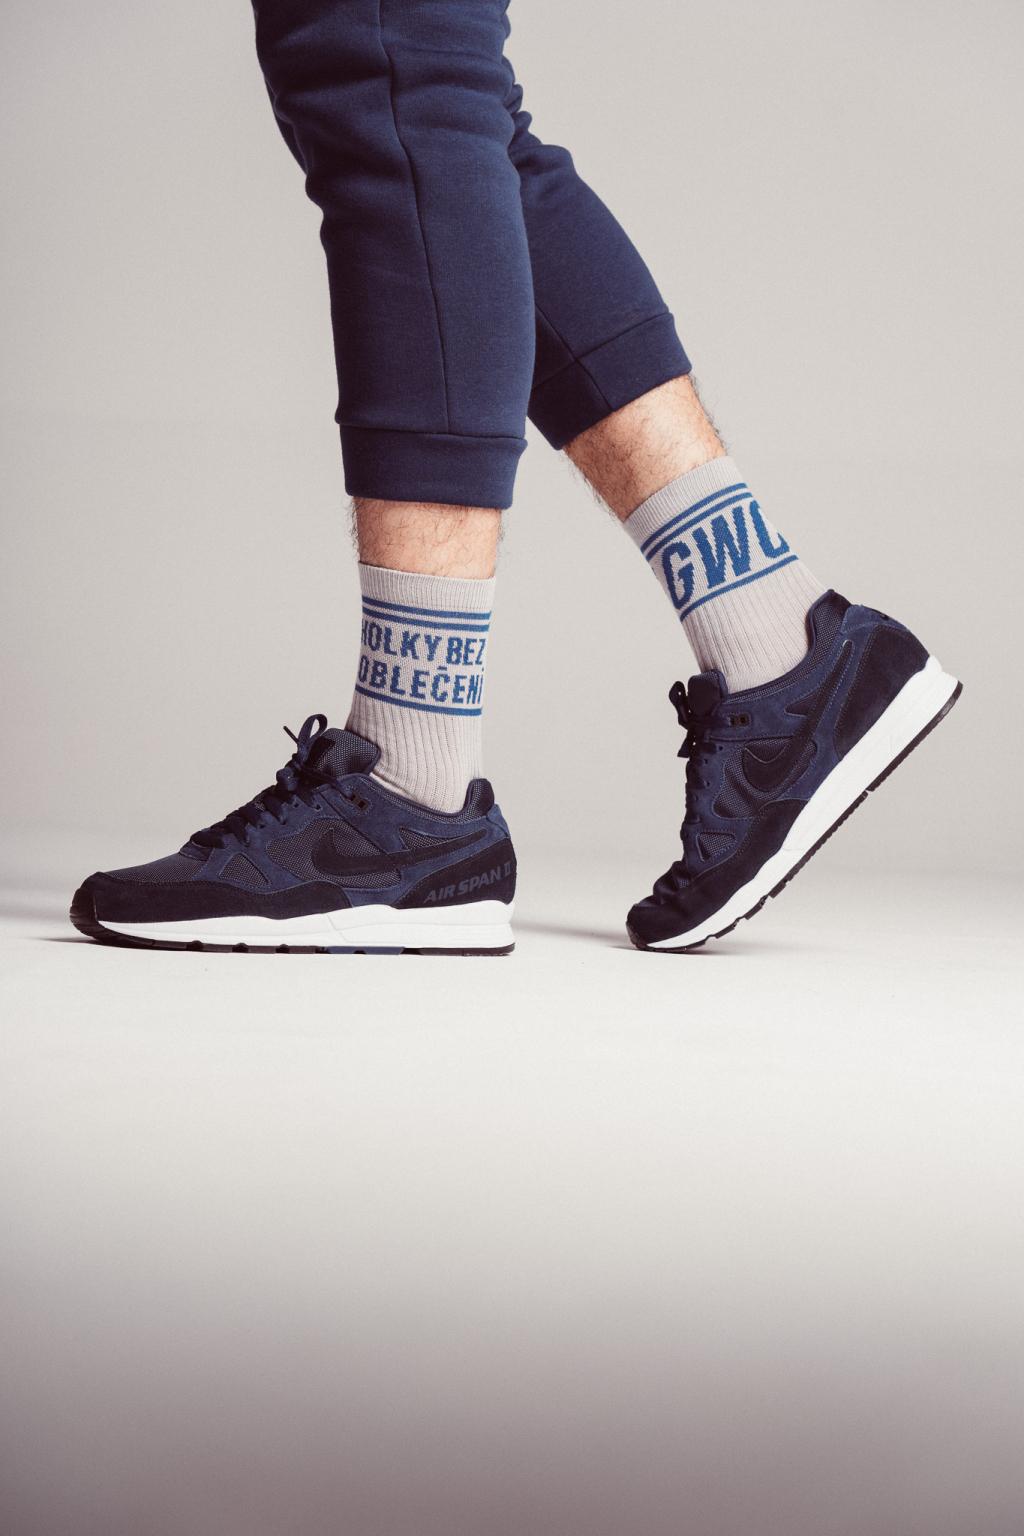 Ponožky GWC Holky bez oblečení